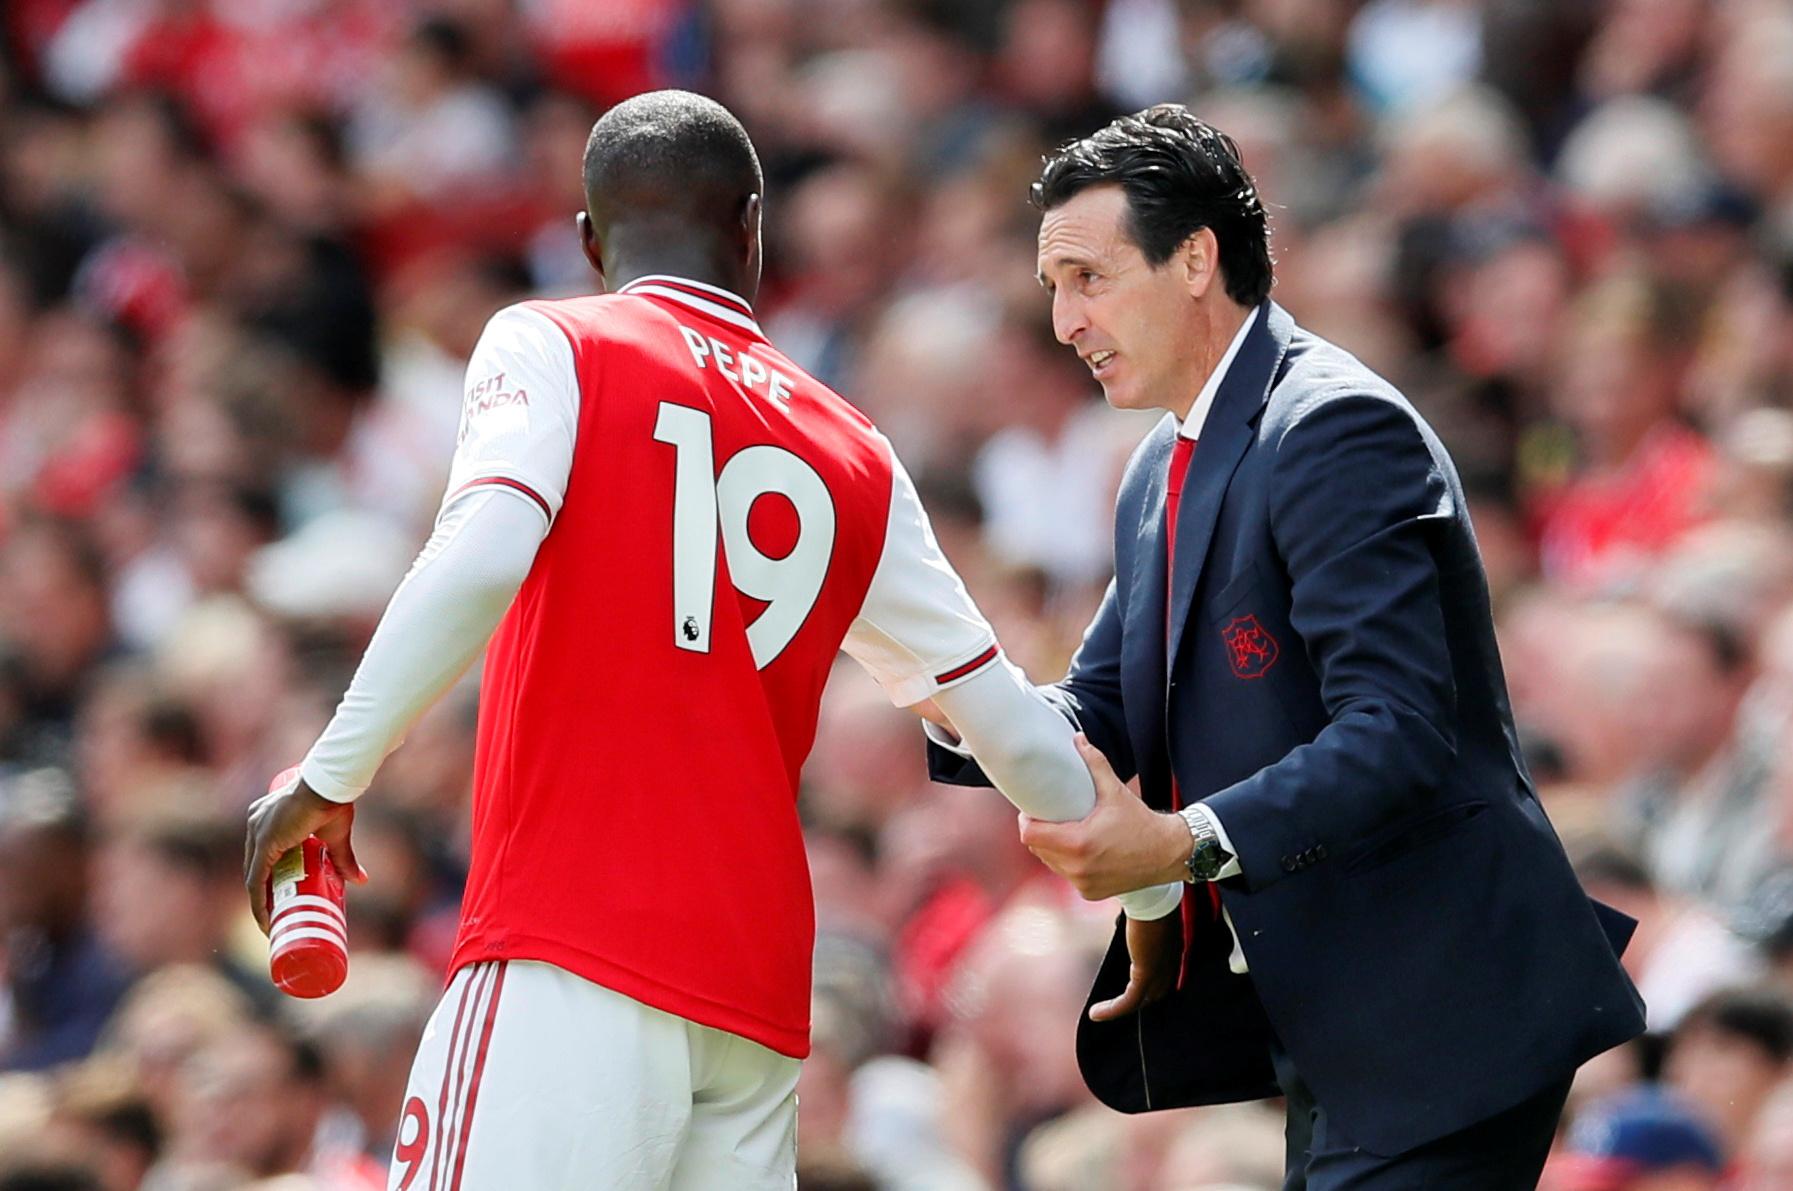 Football - Etranger - Arsenal : Emery souligne «l'impact» de Pépé après son entrée en jeu